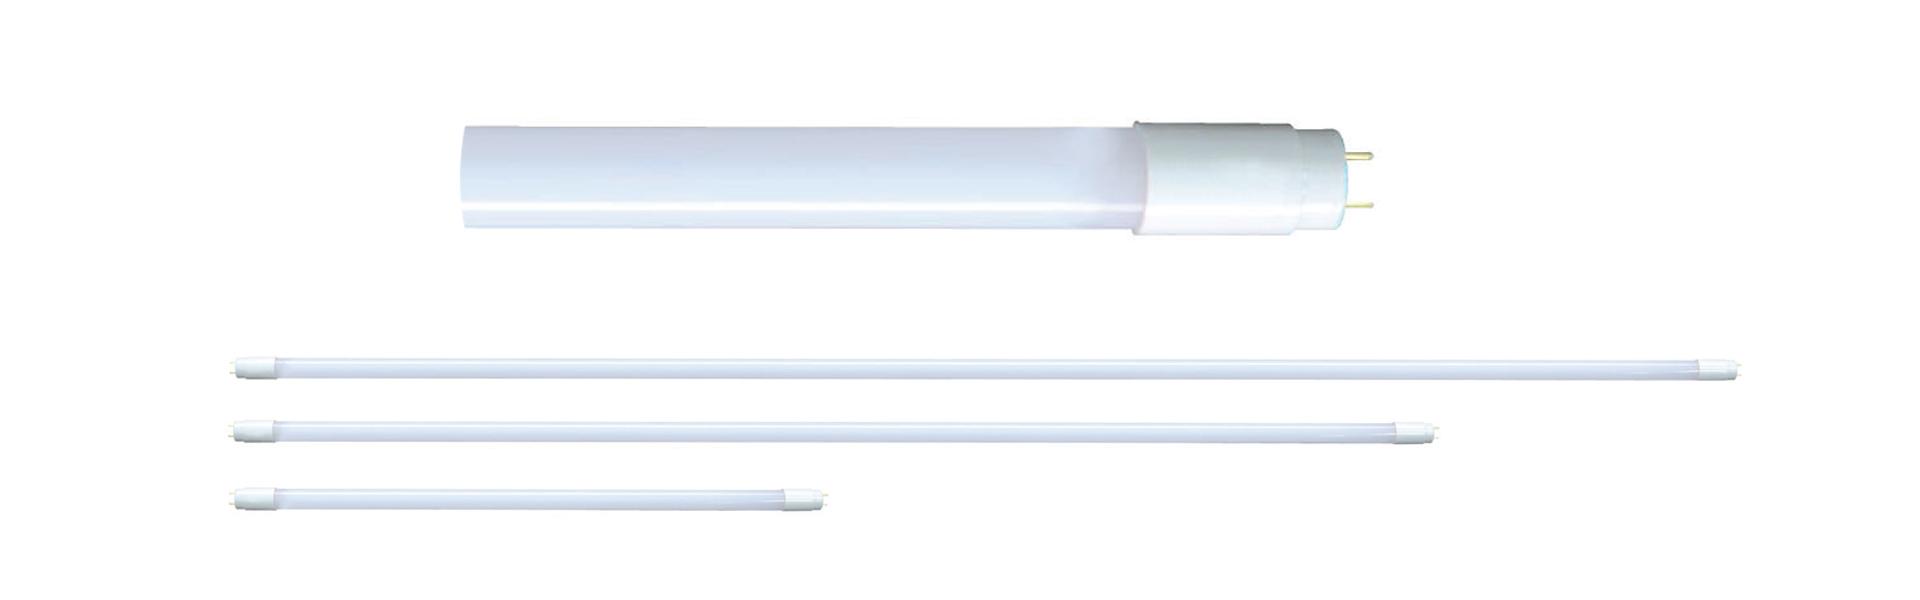 LED Tube Alfa